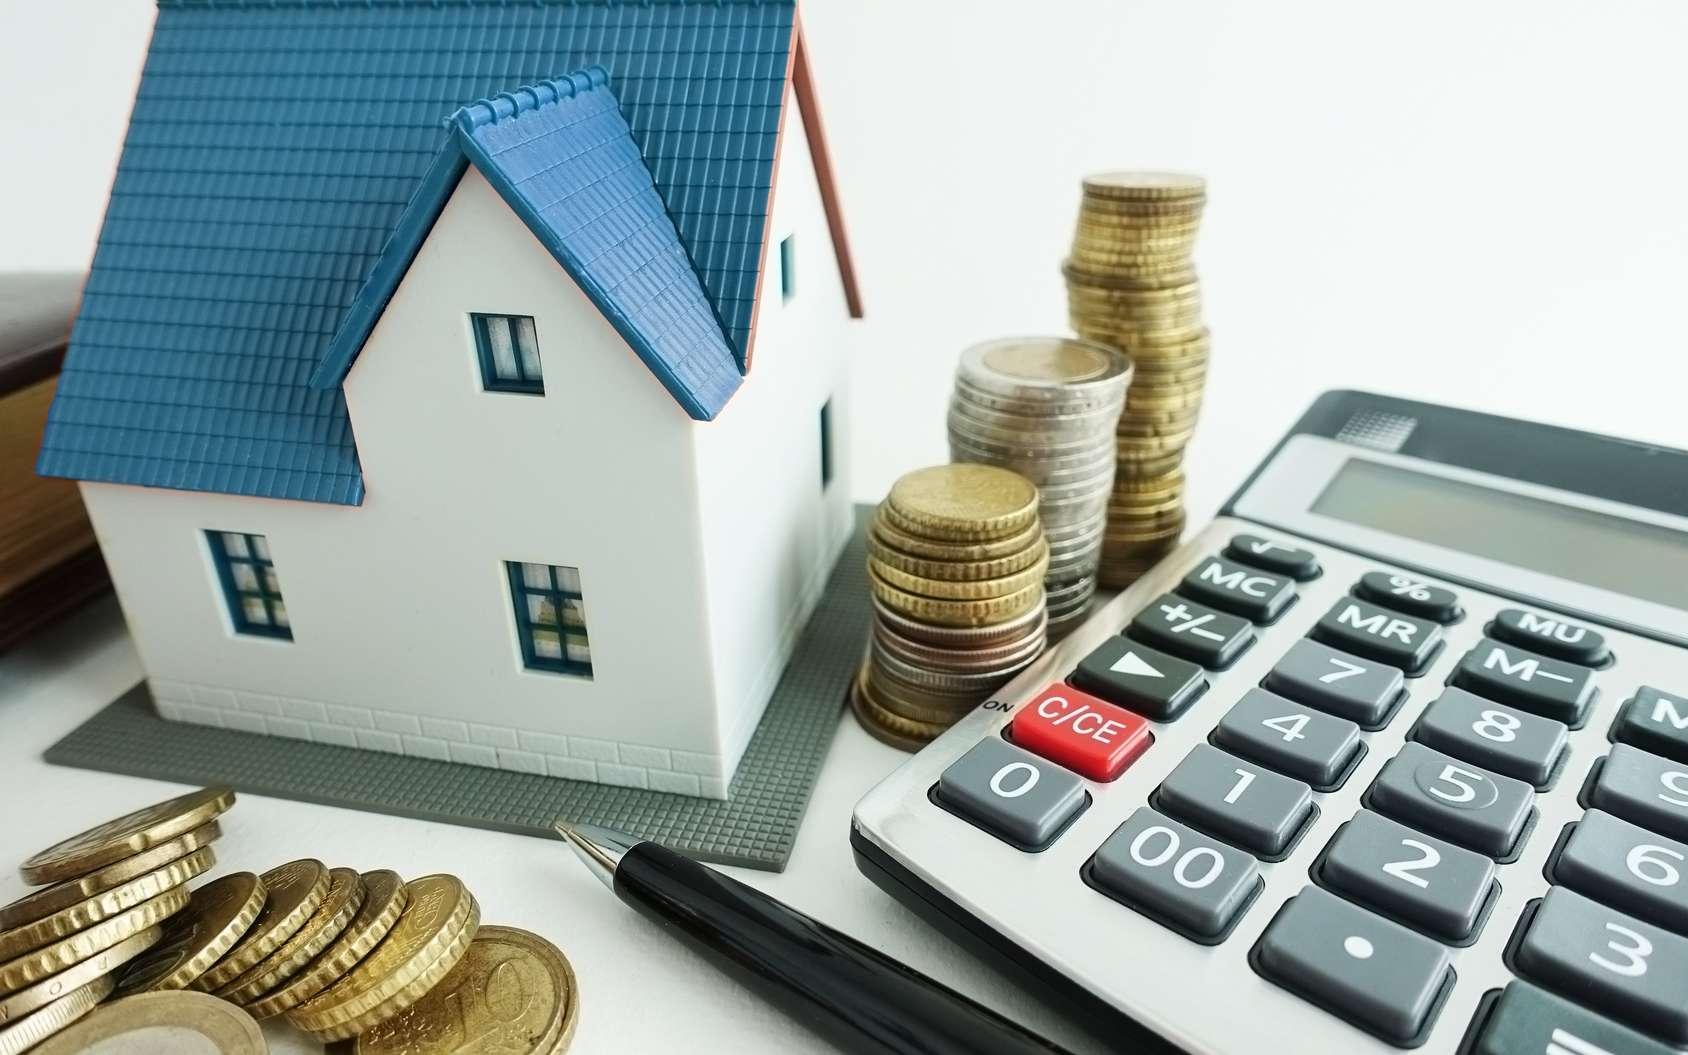 Investissement immobilier : que faut-il savoir ?